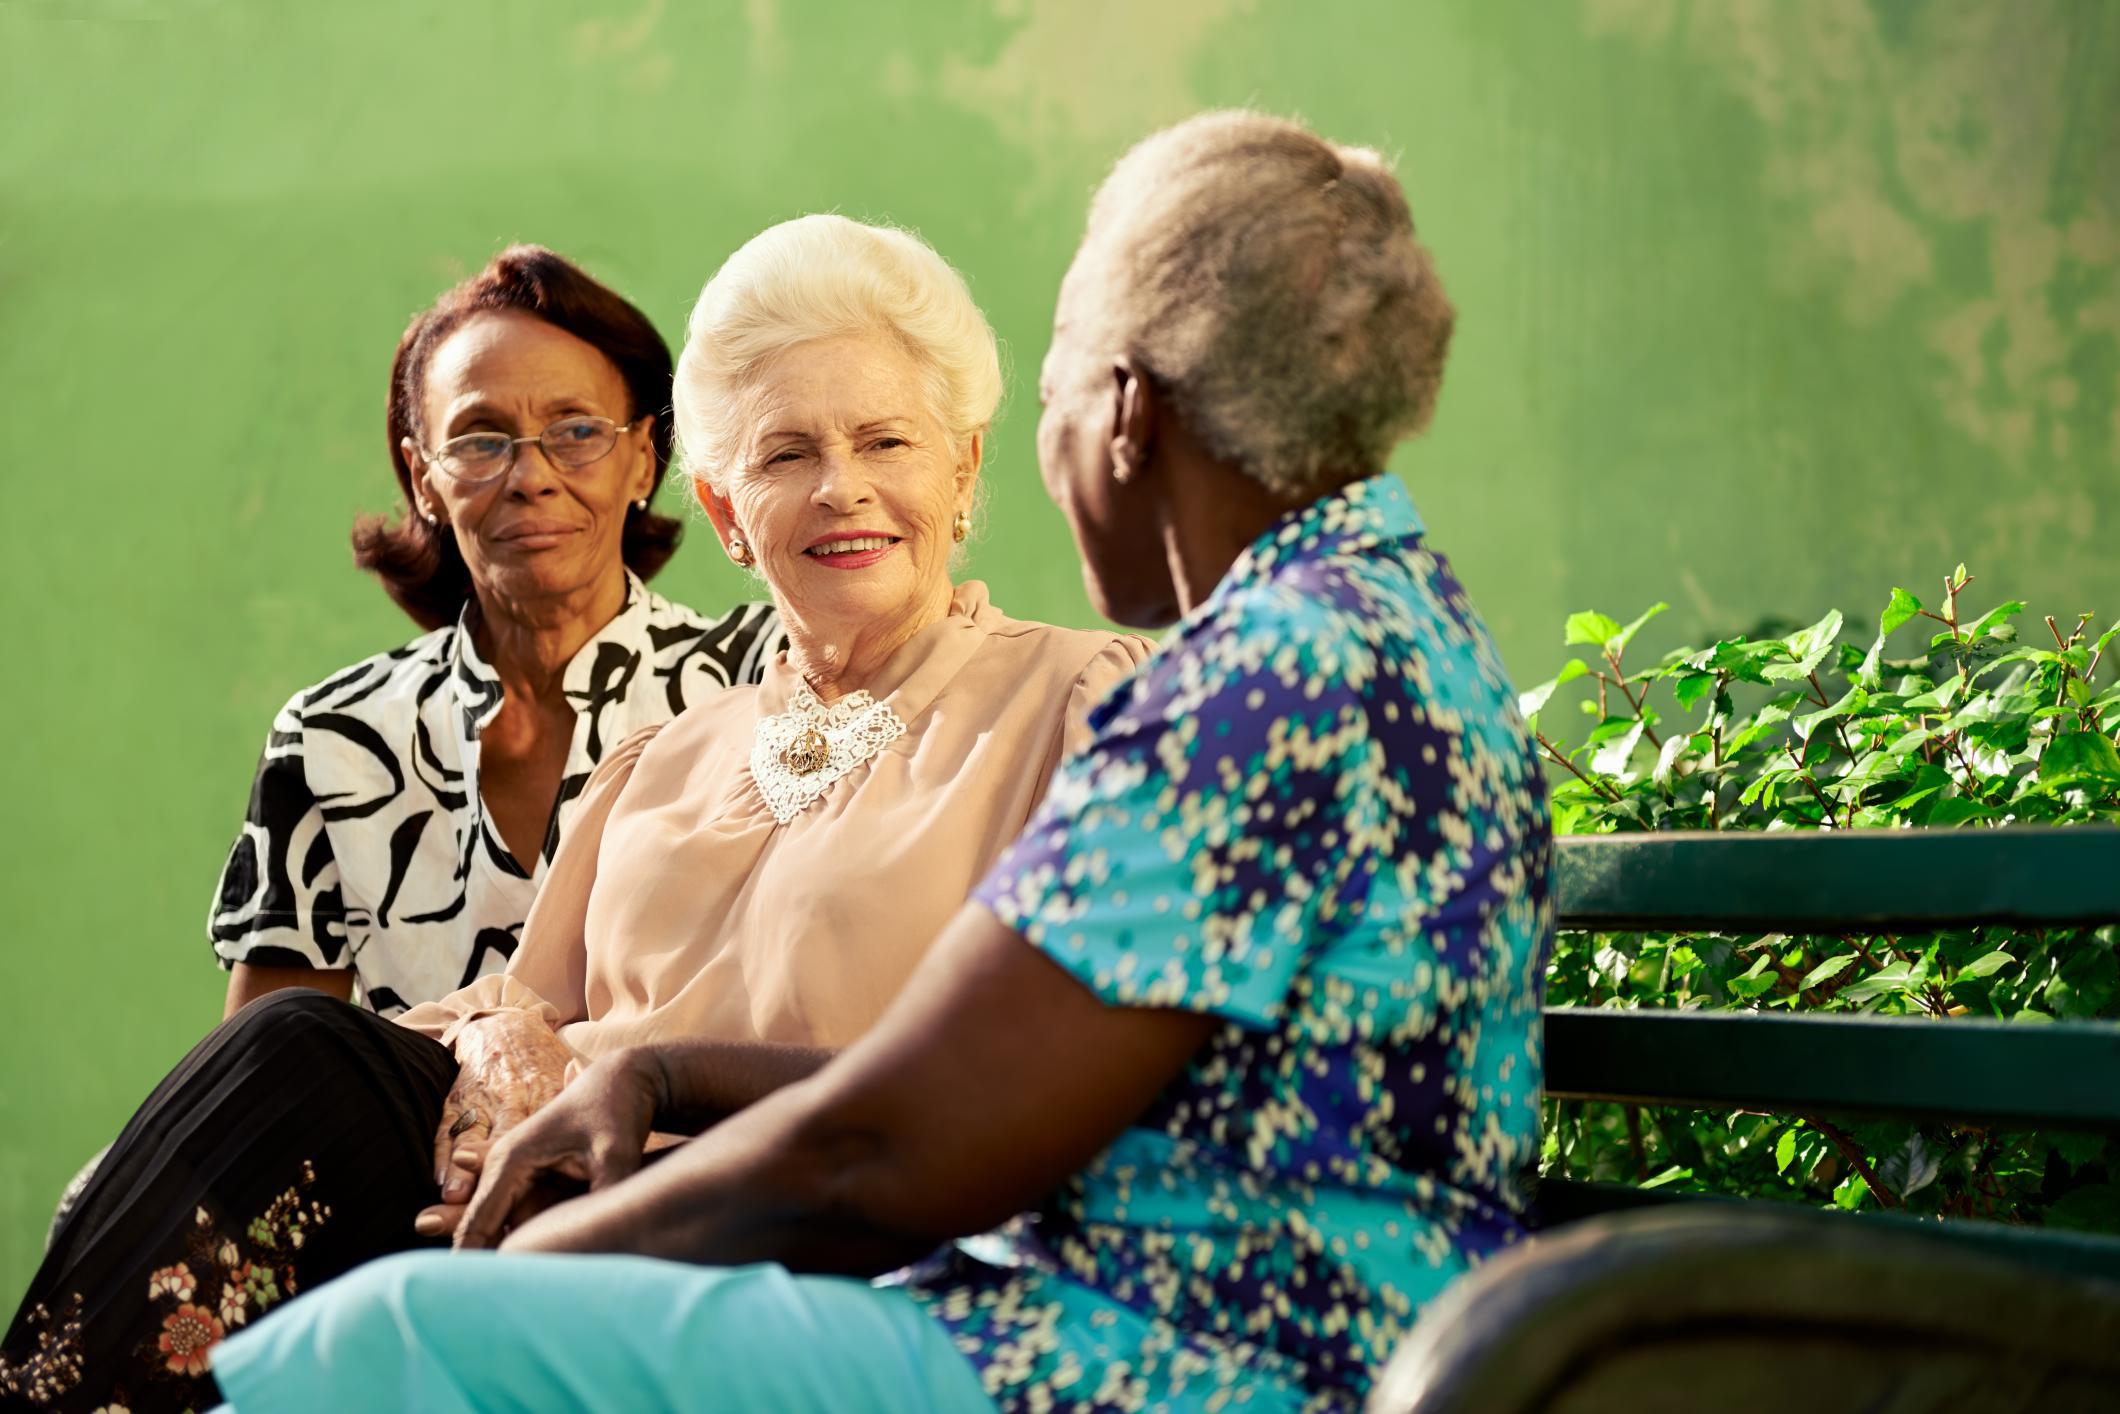 women talking on a bench